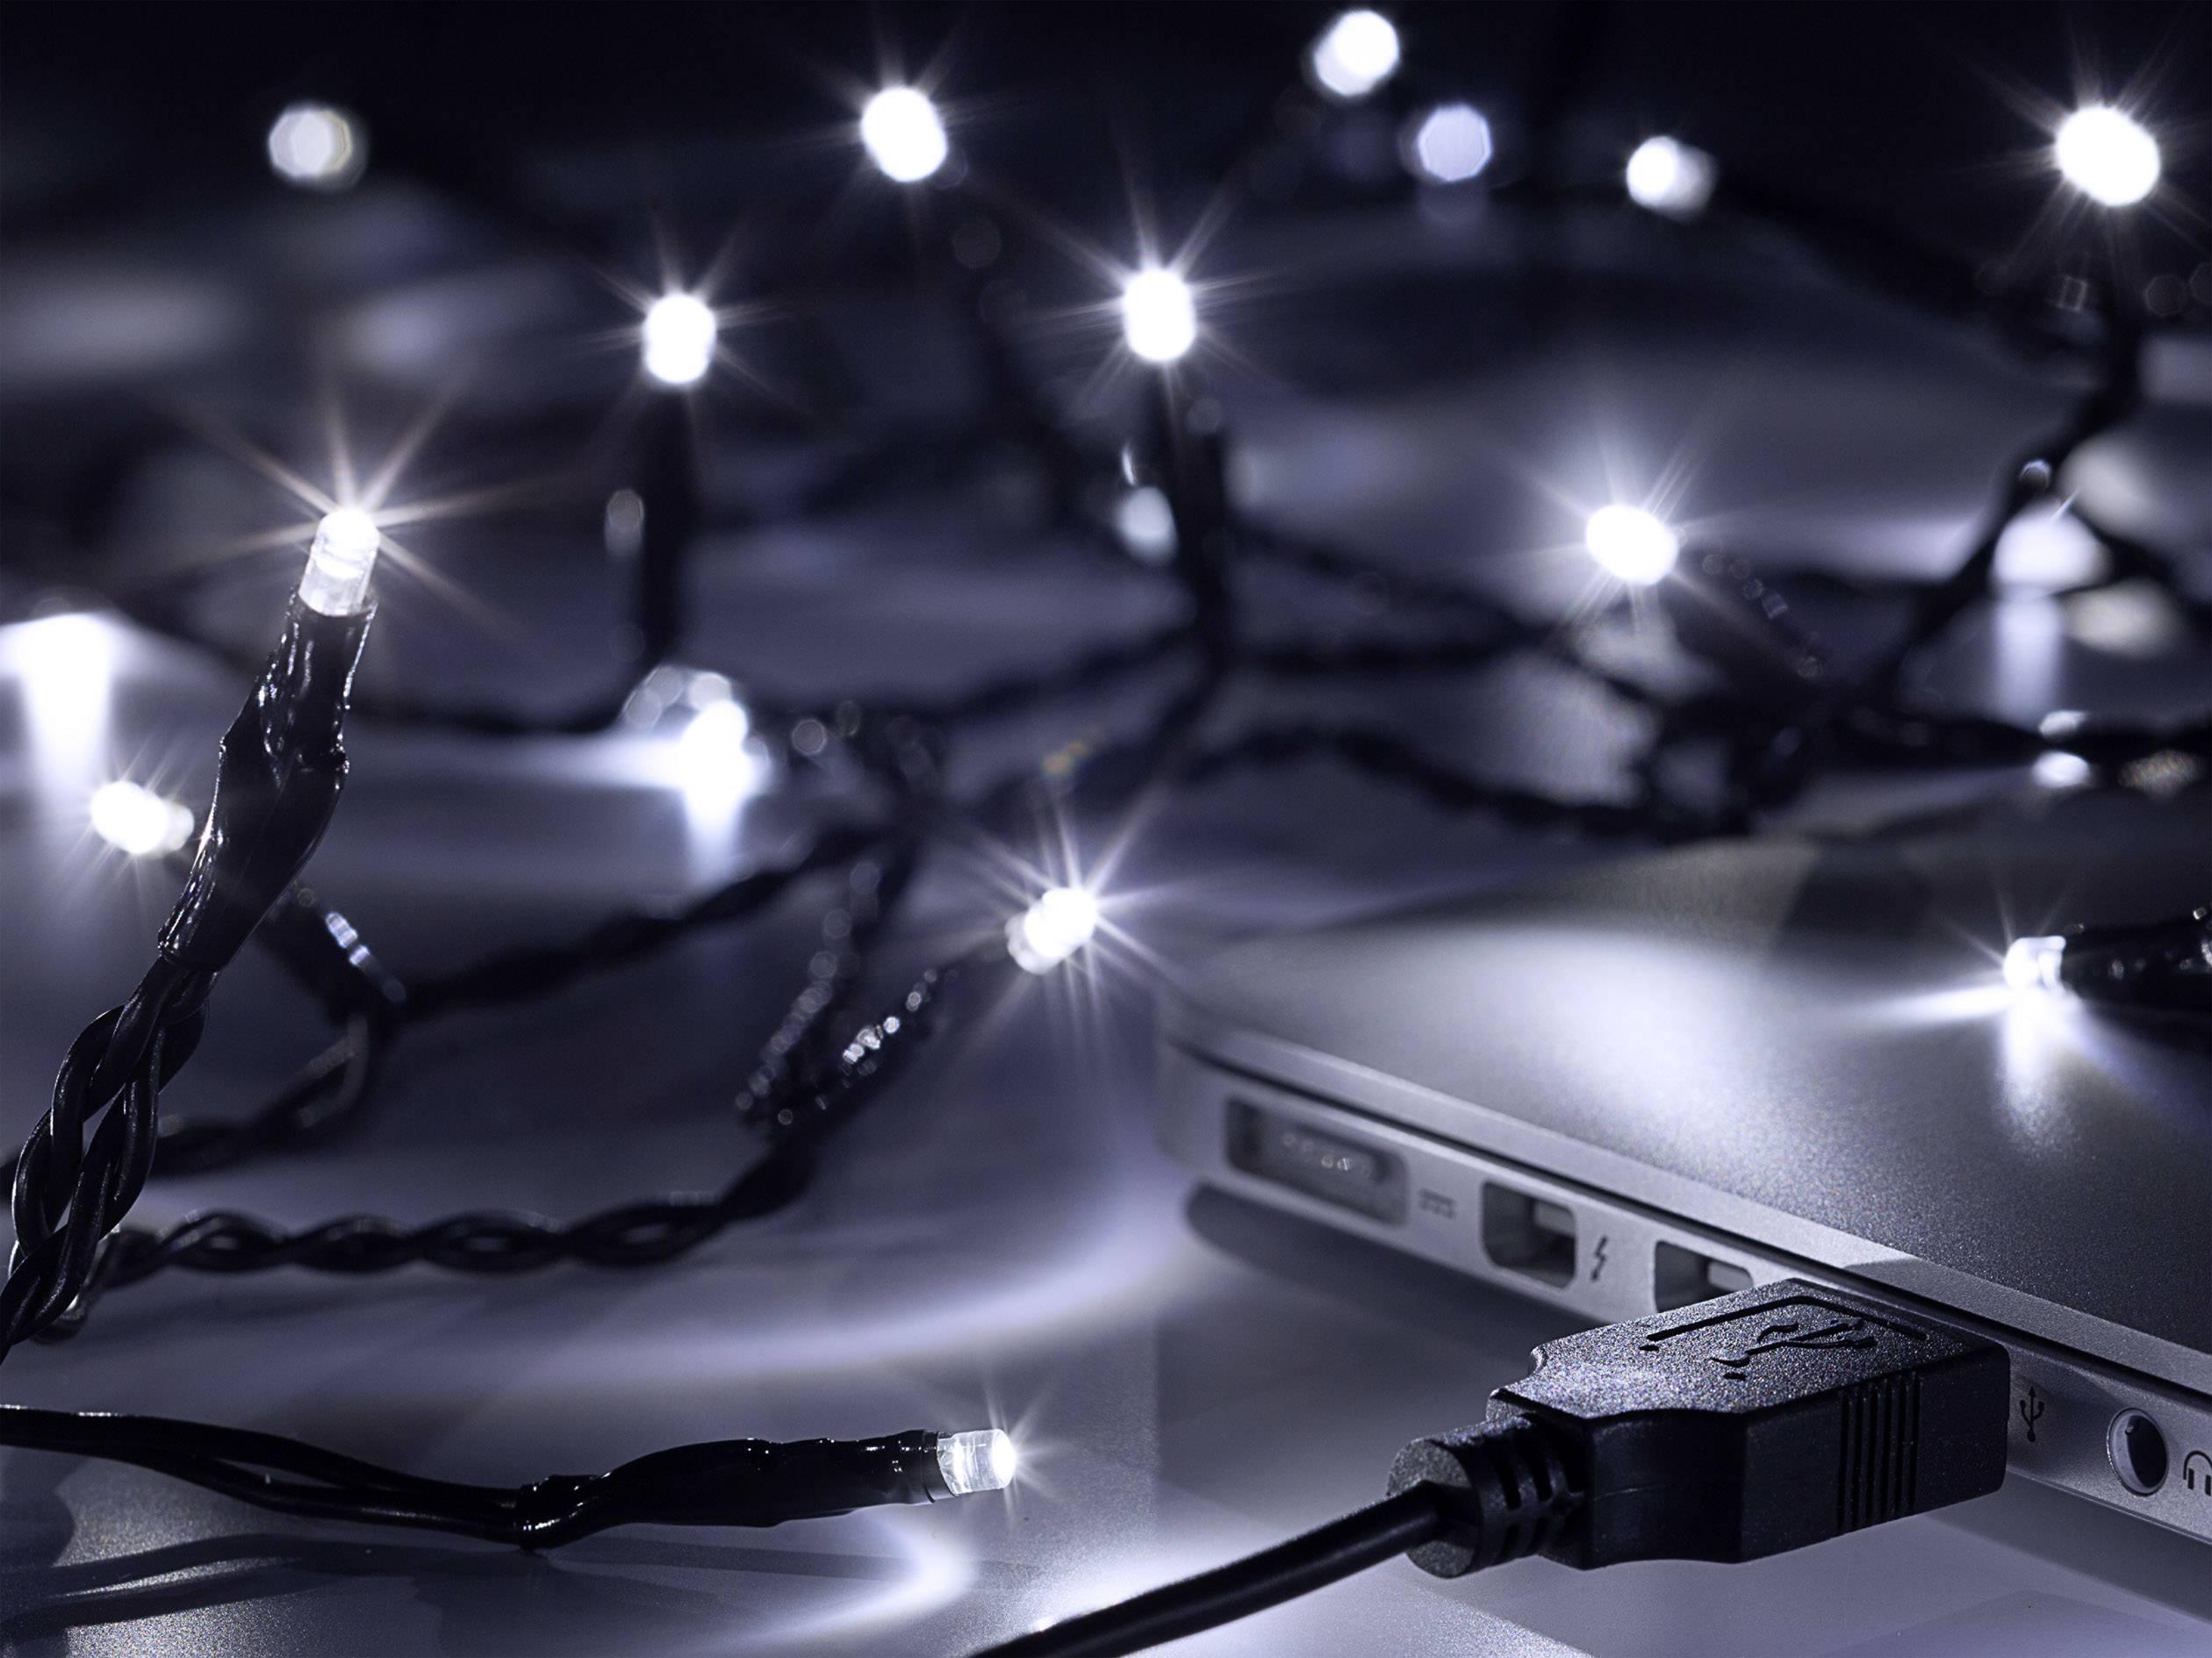 LED mikro světelný řetěz Polarlite LLC-06-004;LLC-06-004, vnitřní, napájení přes USB, LED 40, studená bílá, 4.4 m